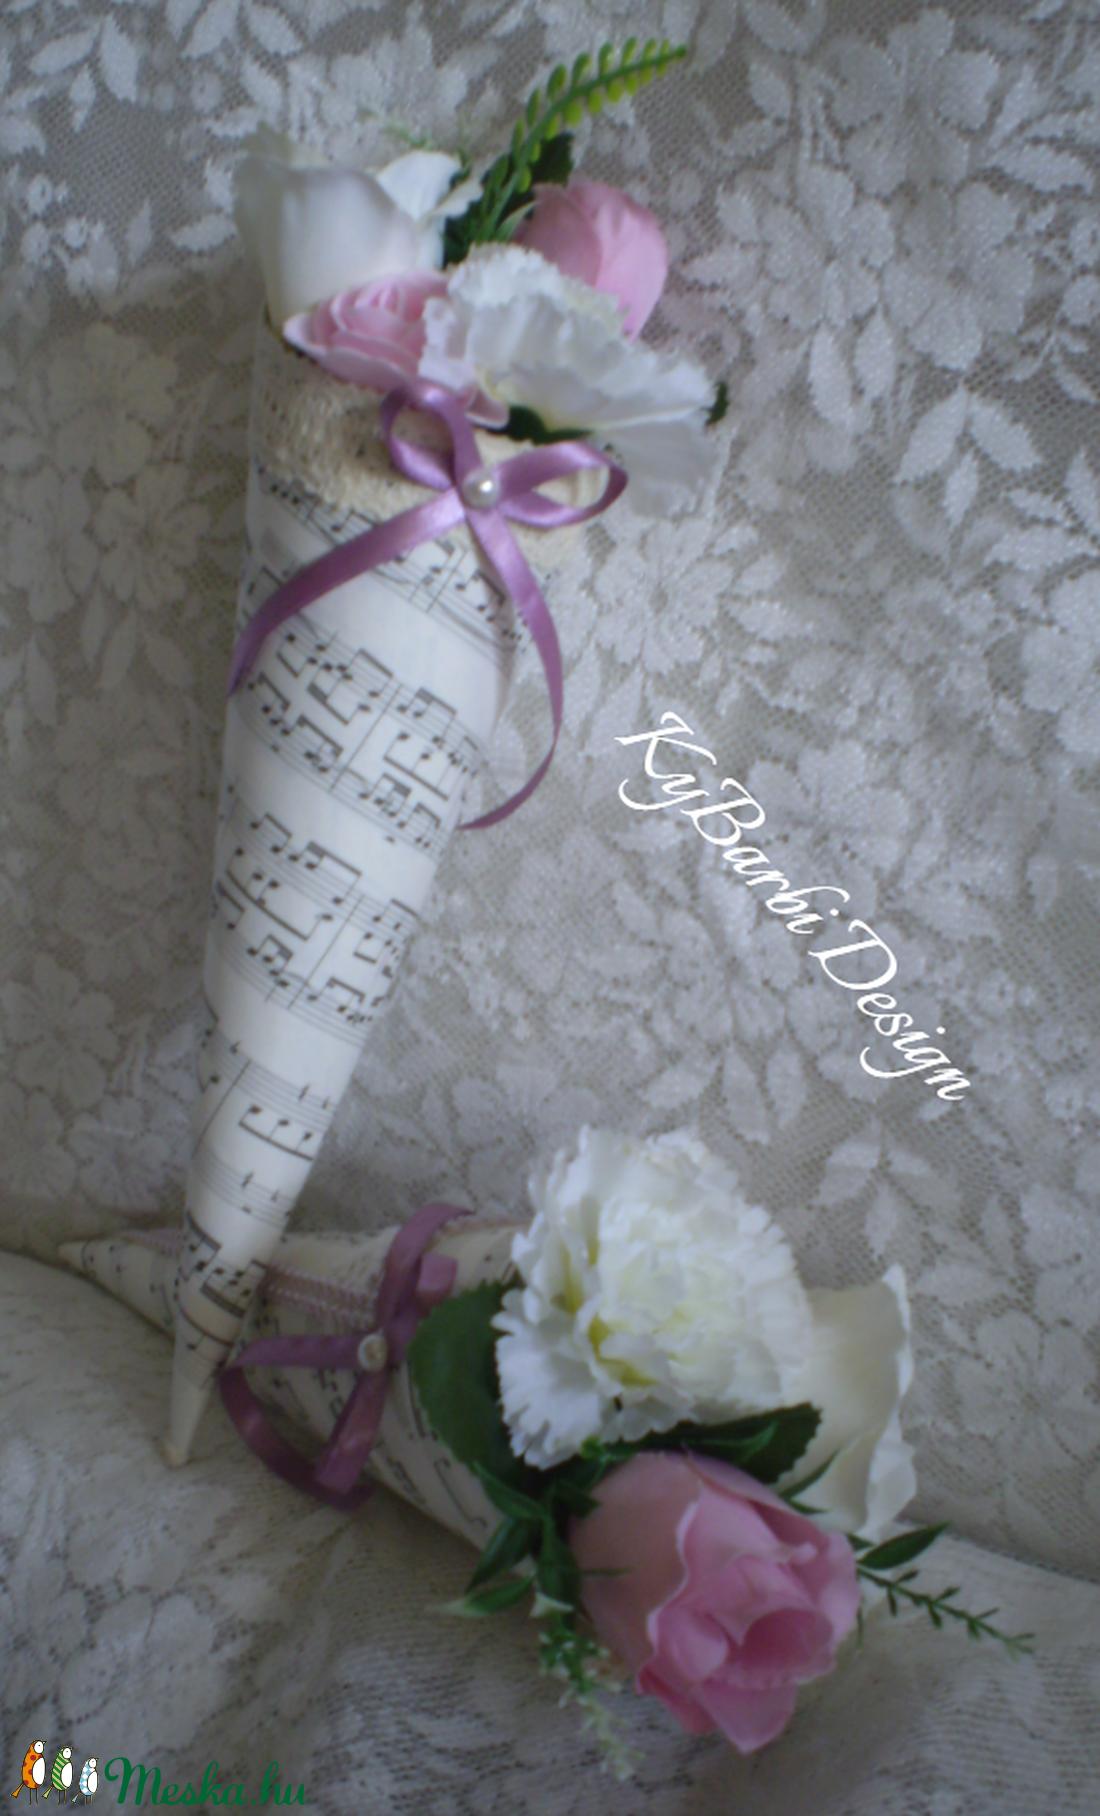 Vintage virágtölcsér - tavaszi virágcsokor - örökcsokor - szülinapi - névnapi csokor - esküvői dekoráció (KyBarbi) - Meska.hu